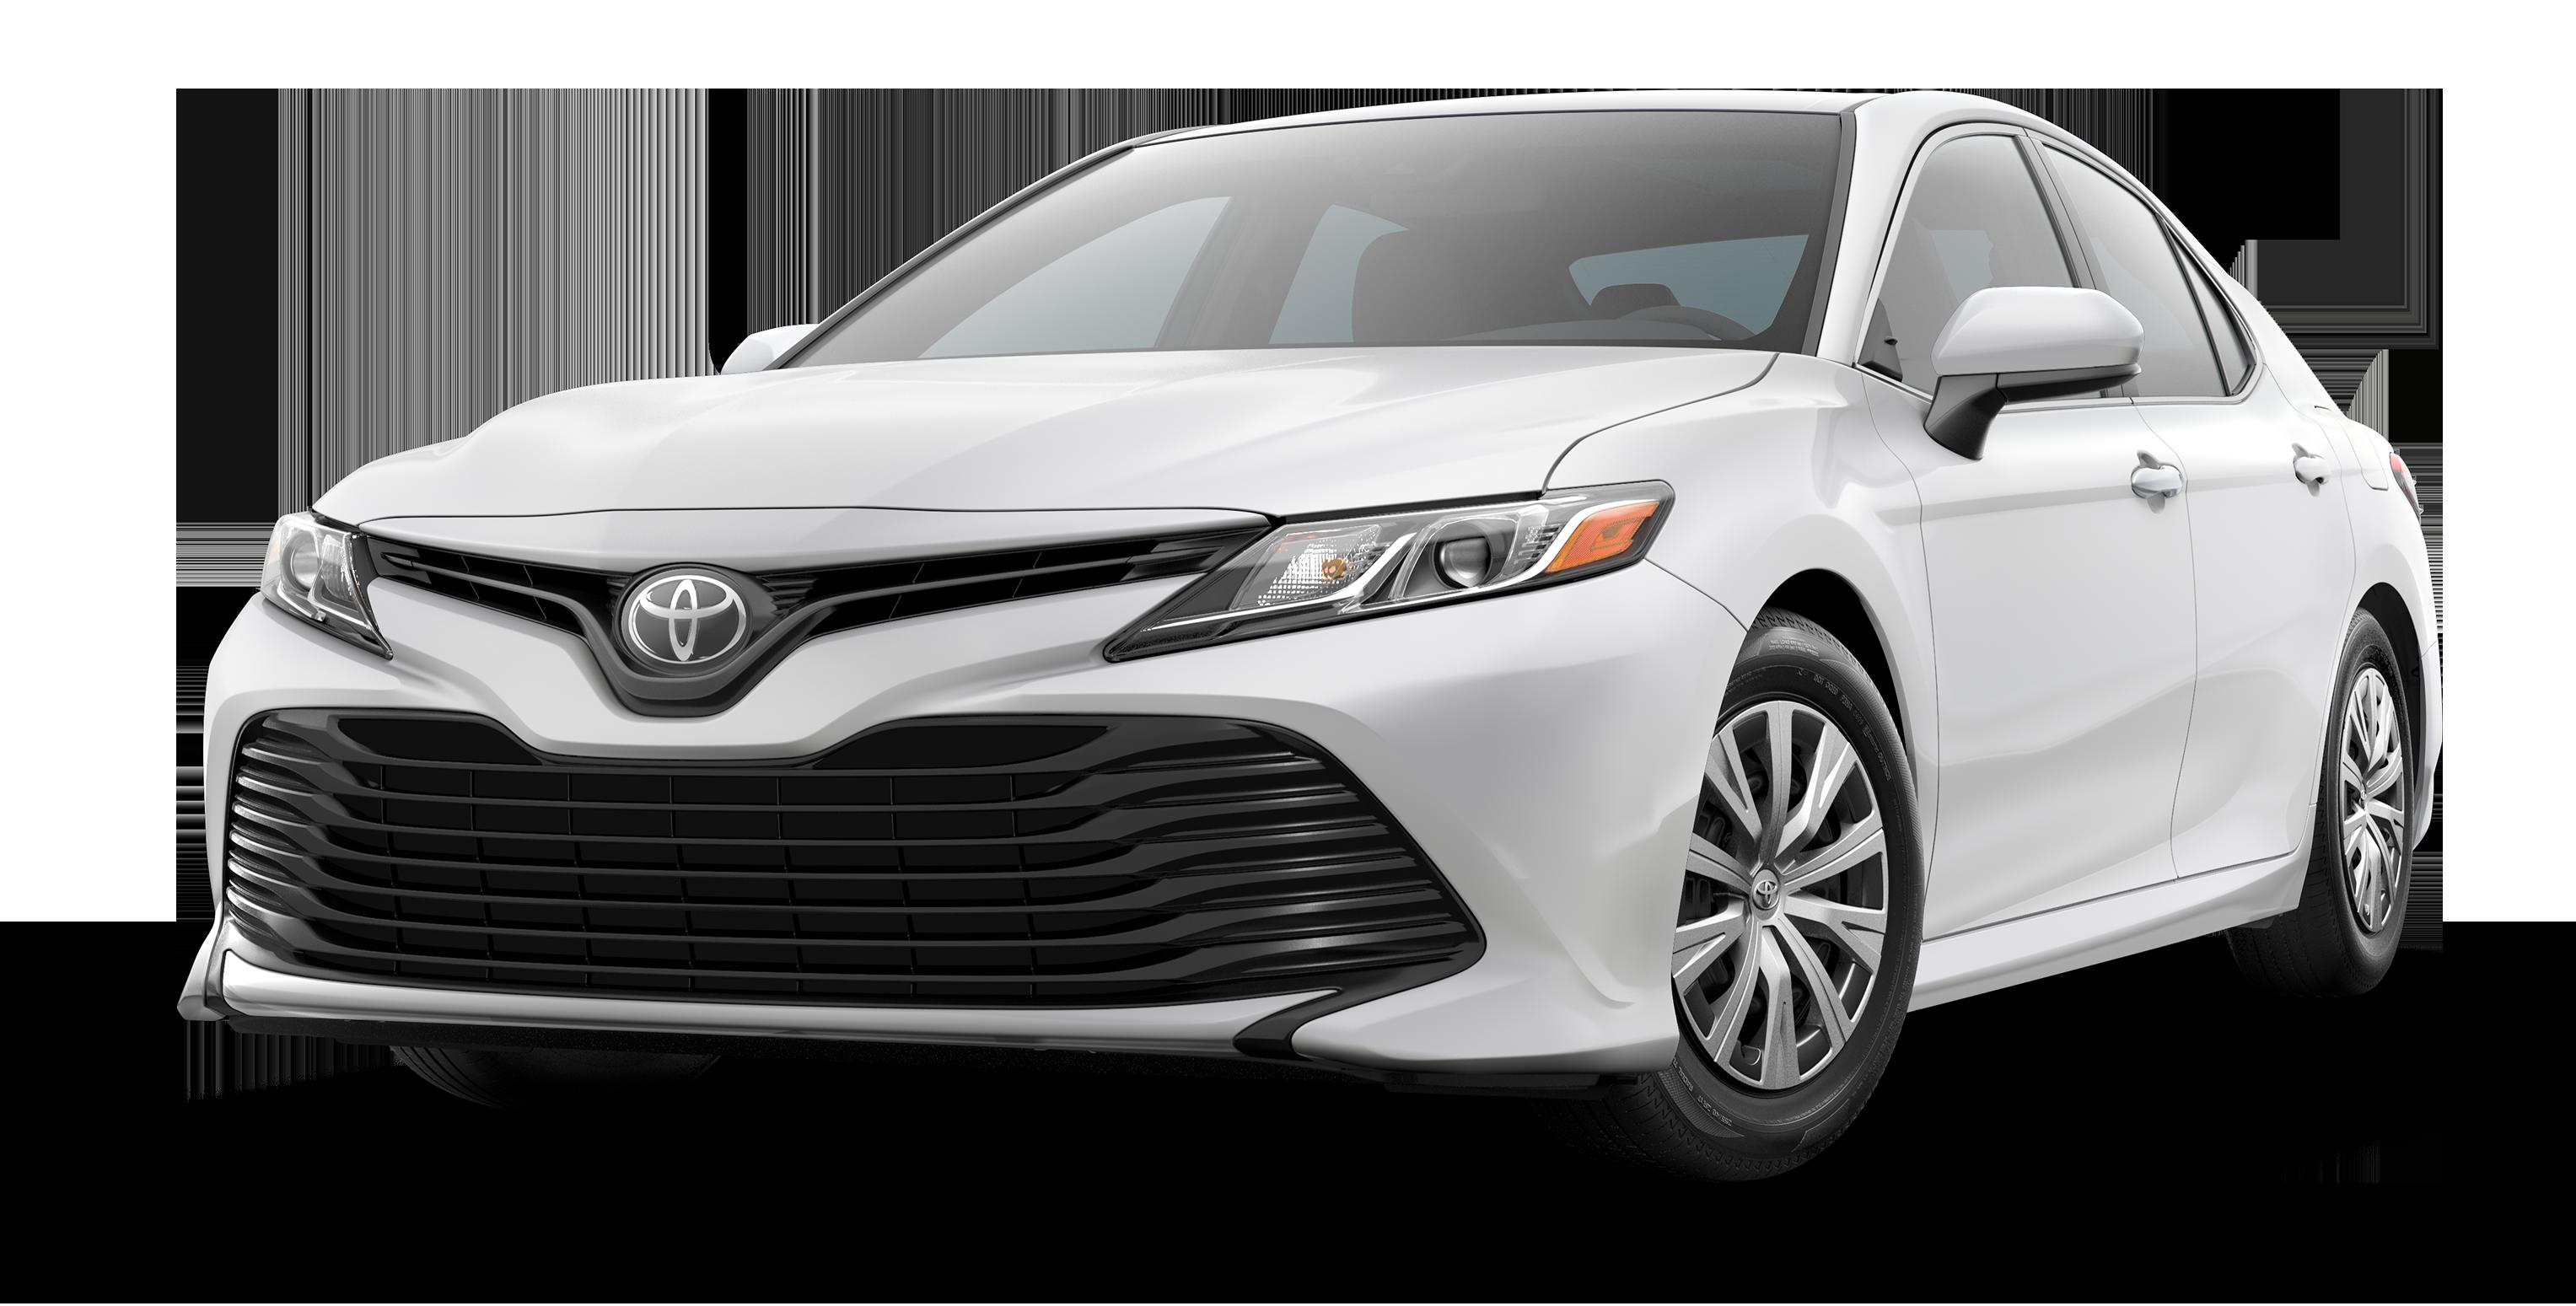 2018 Toyota Camry Danbury Ct